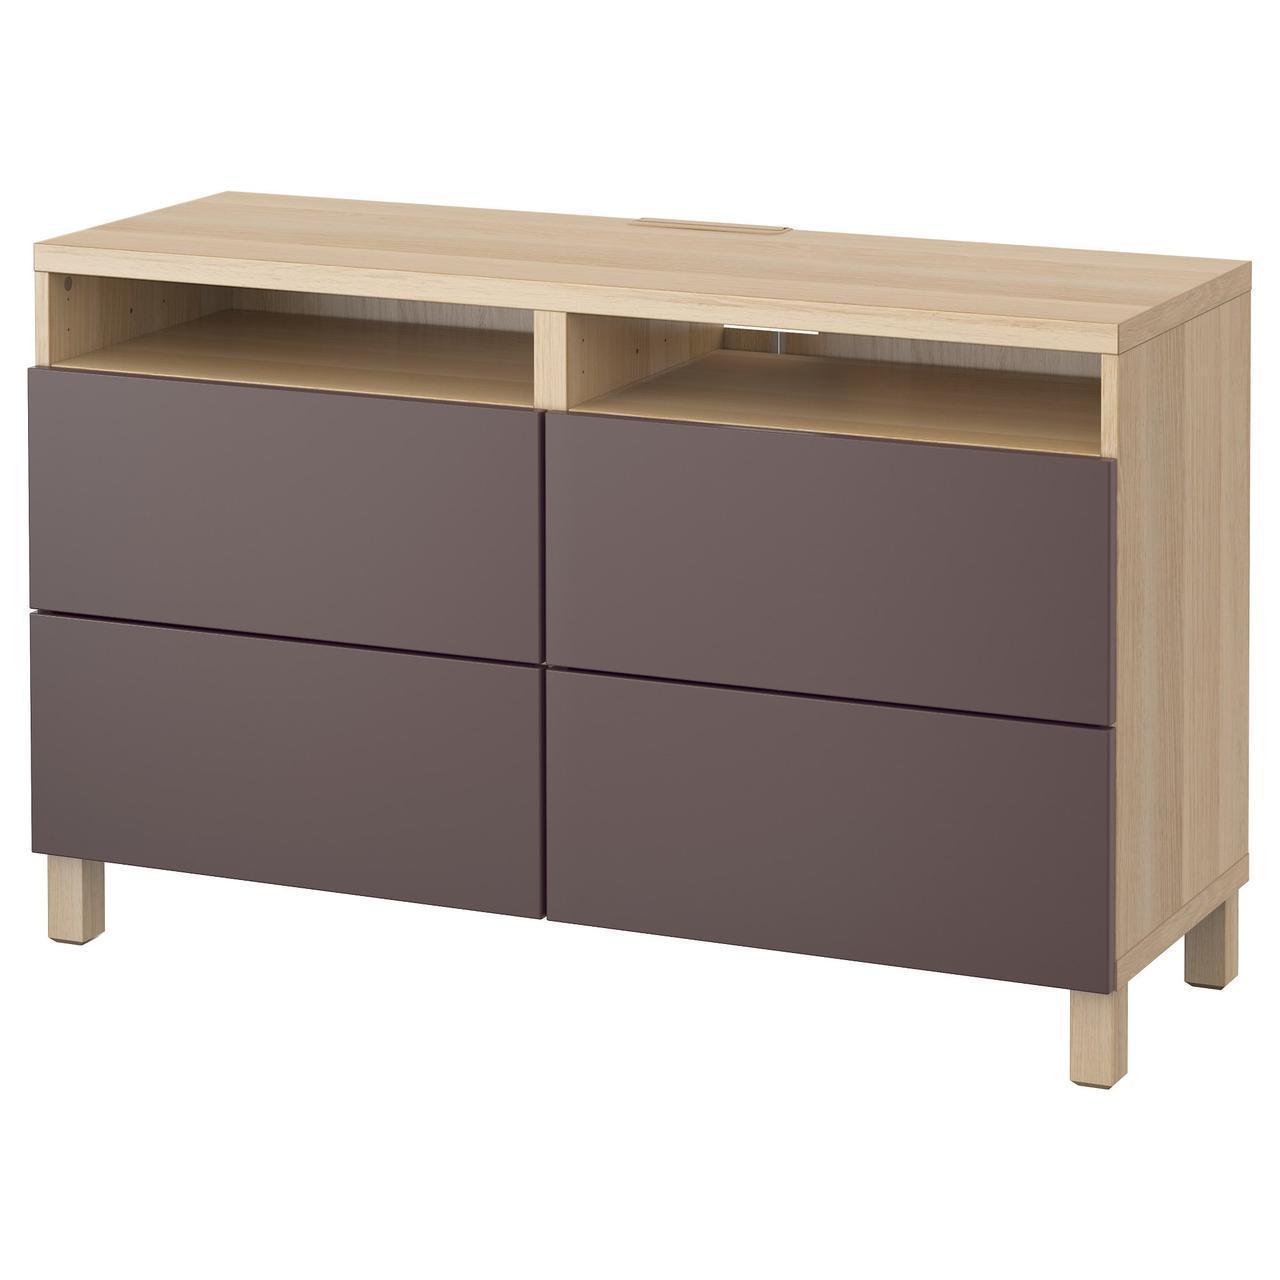 IKEA BESTA Тумба под телевизор с ящиками, белый дуб, Вальвикен темно-коричневый  (091.938.86)